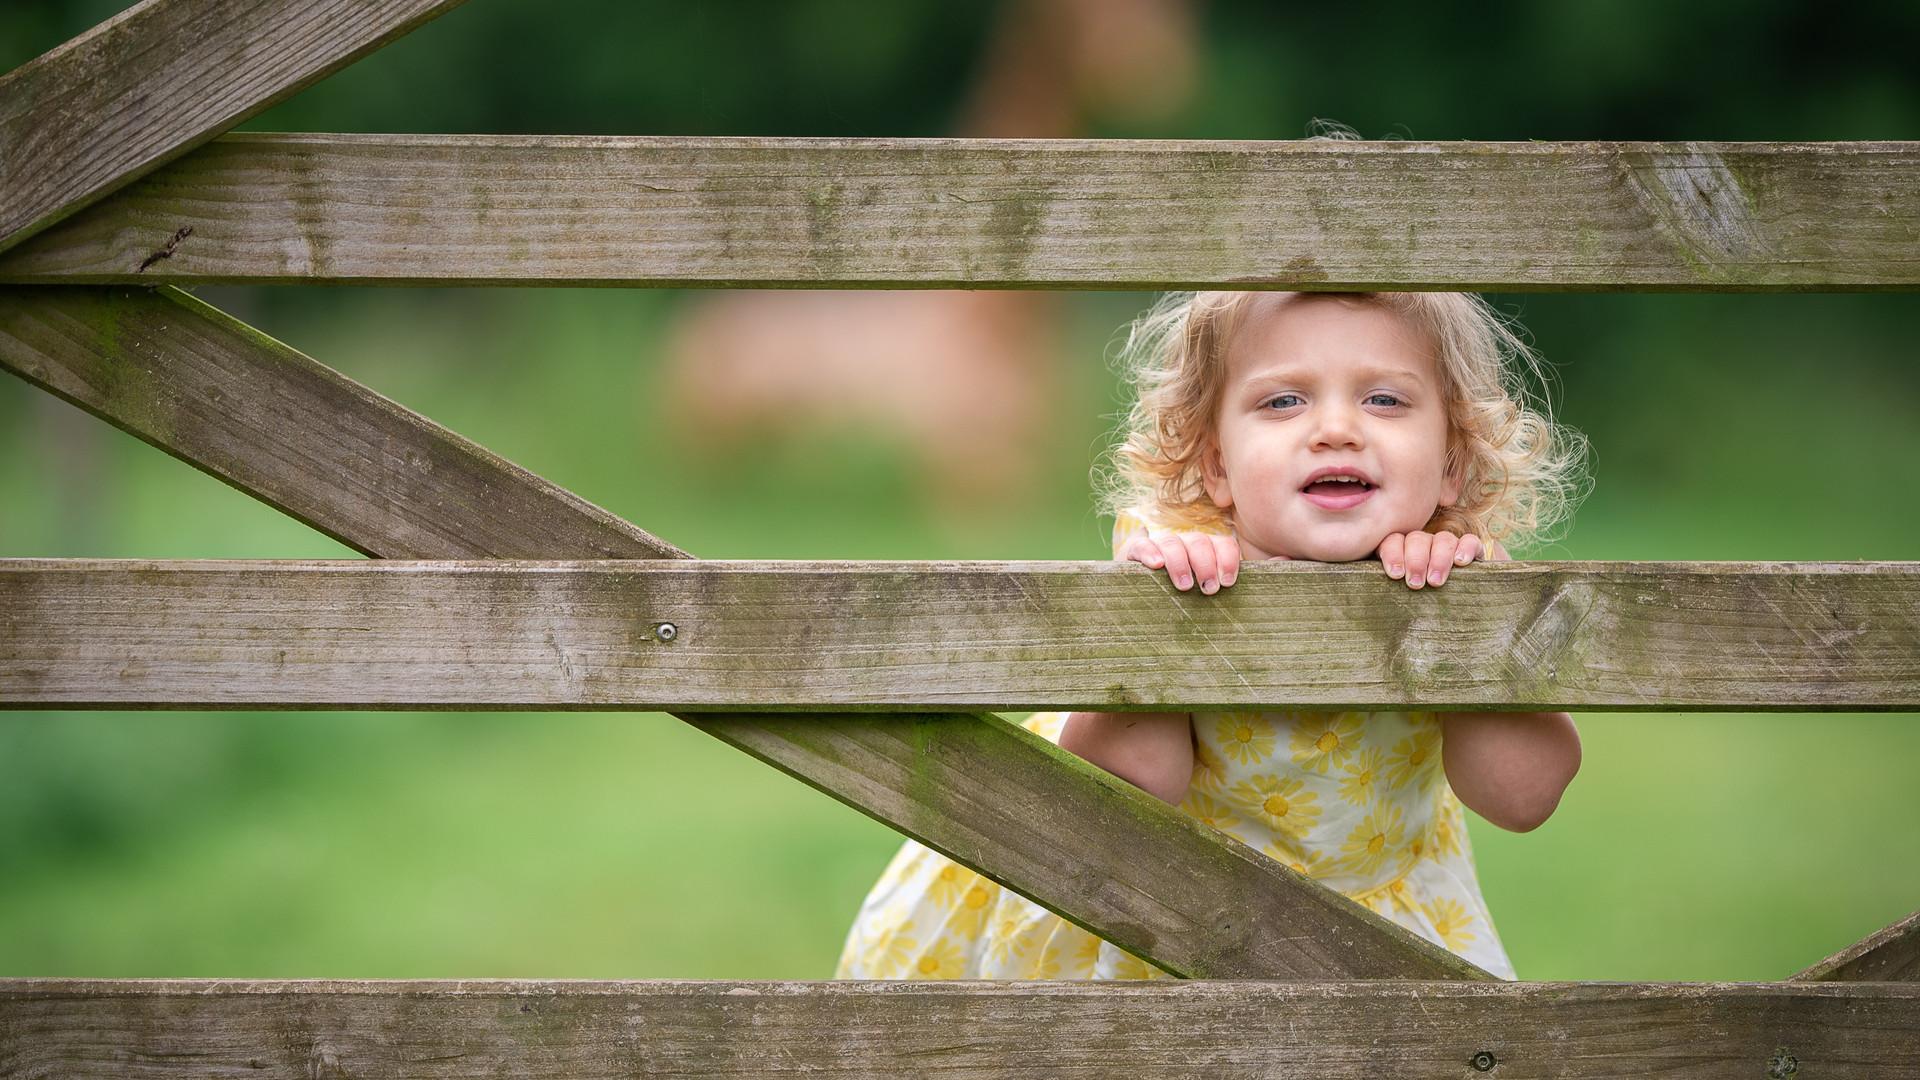 girl peeping through gate.jpg